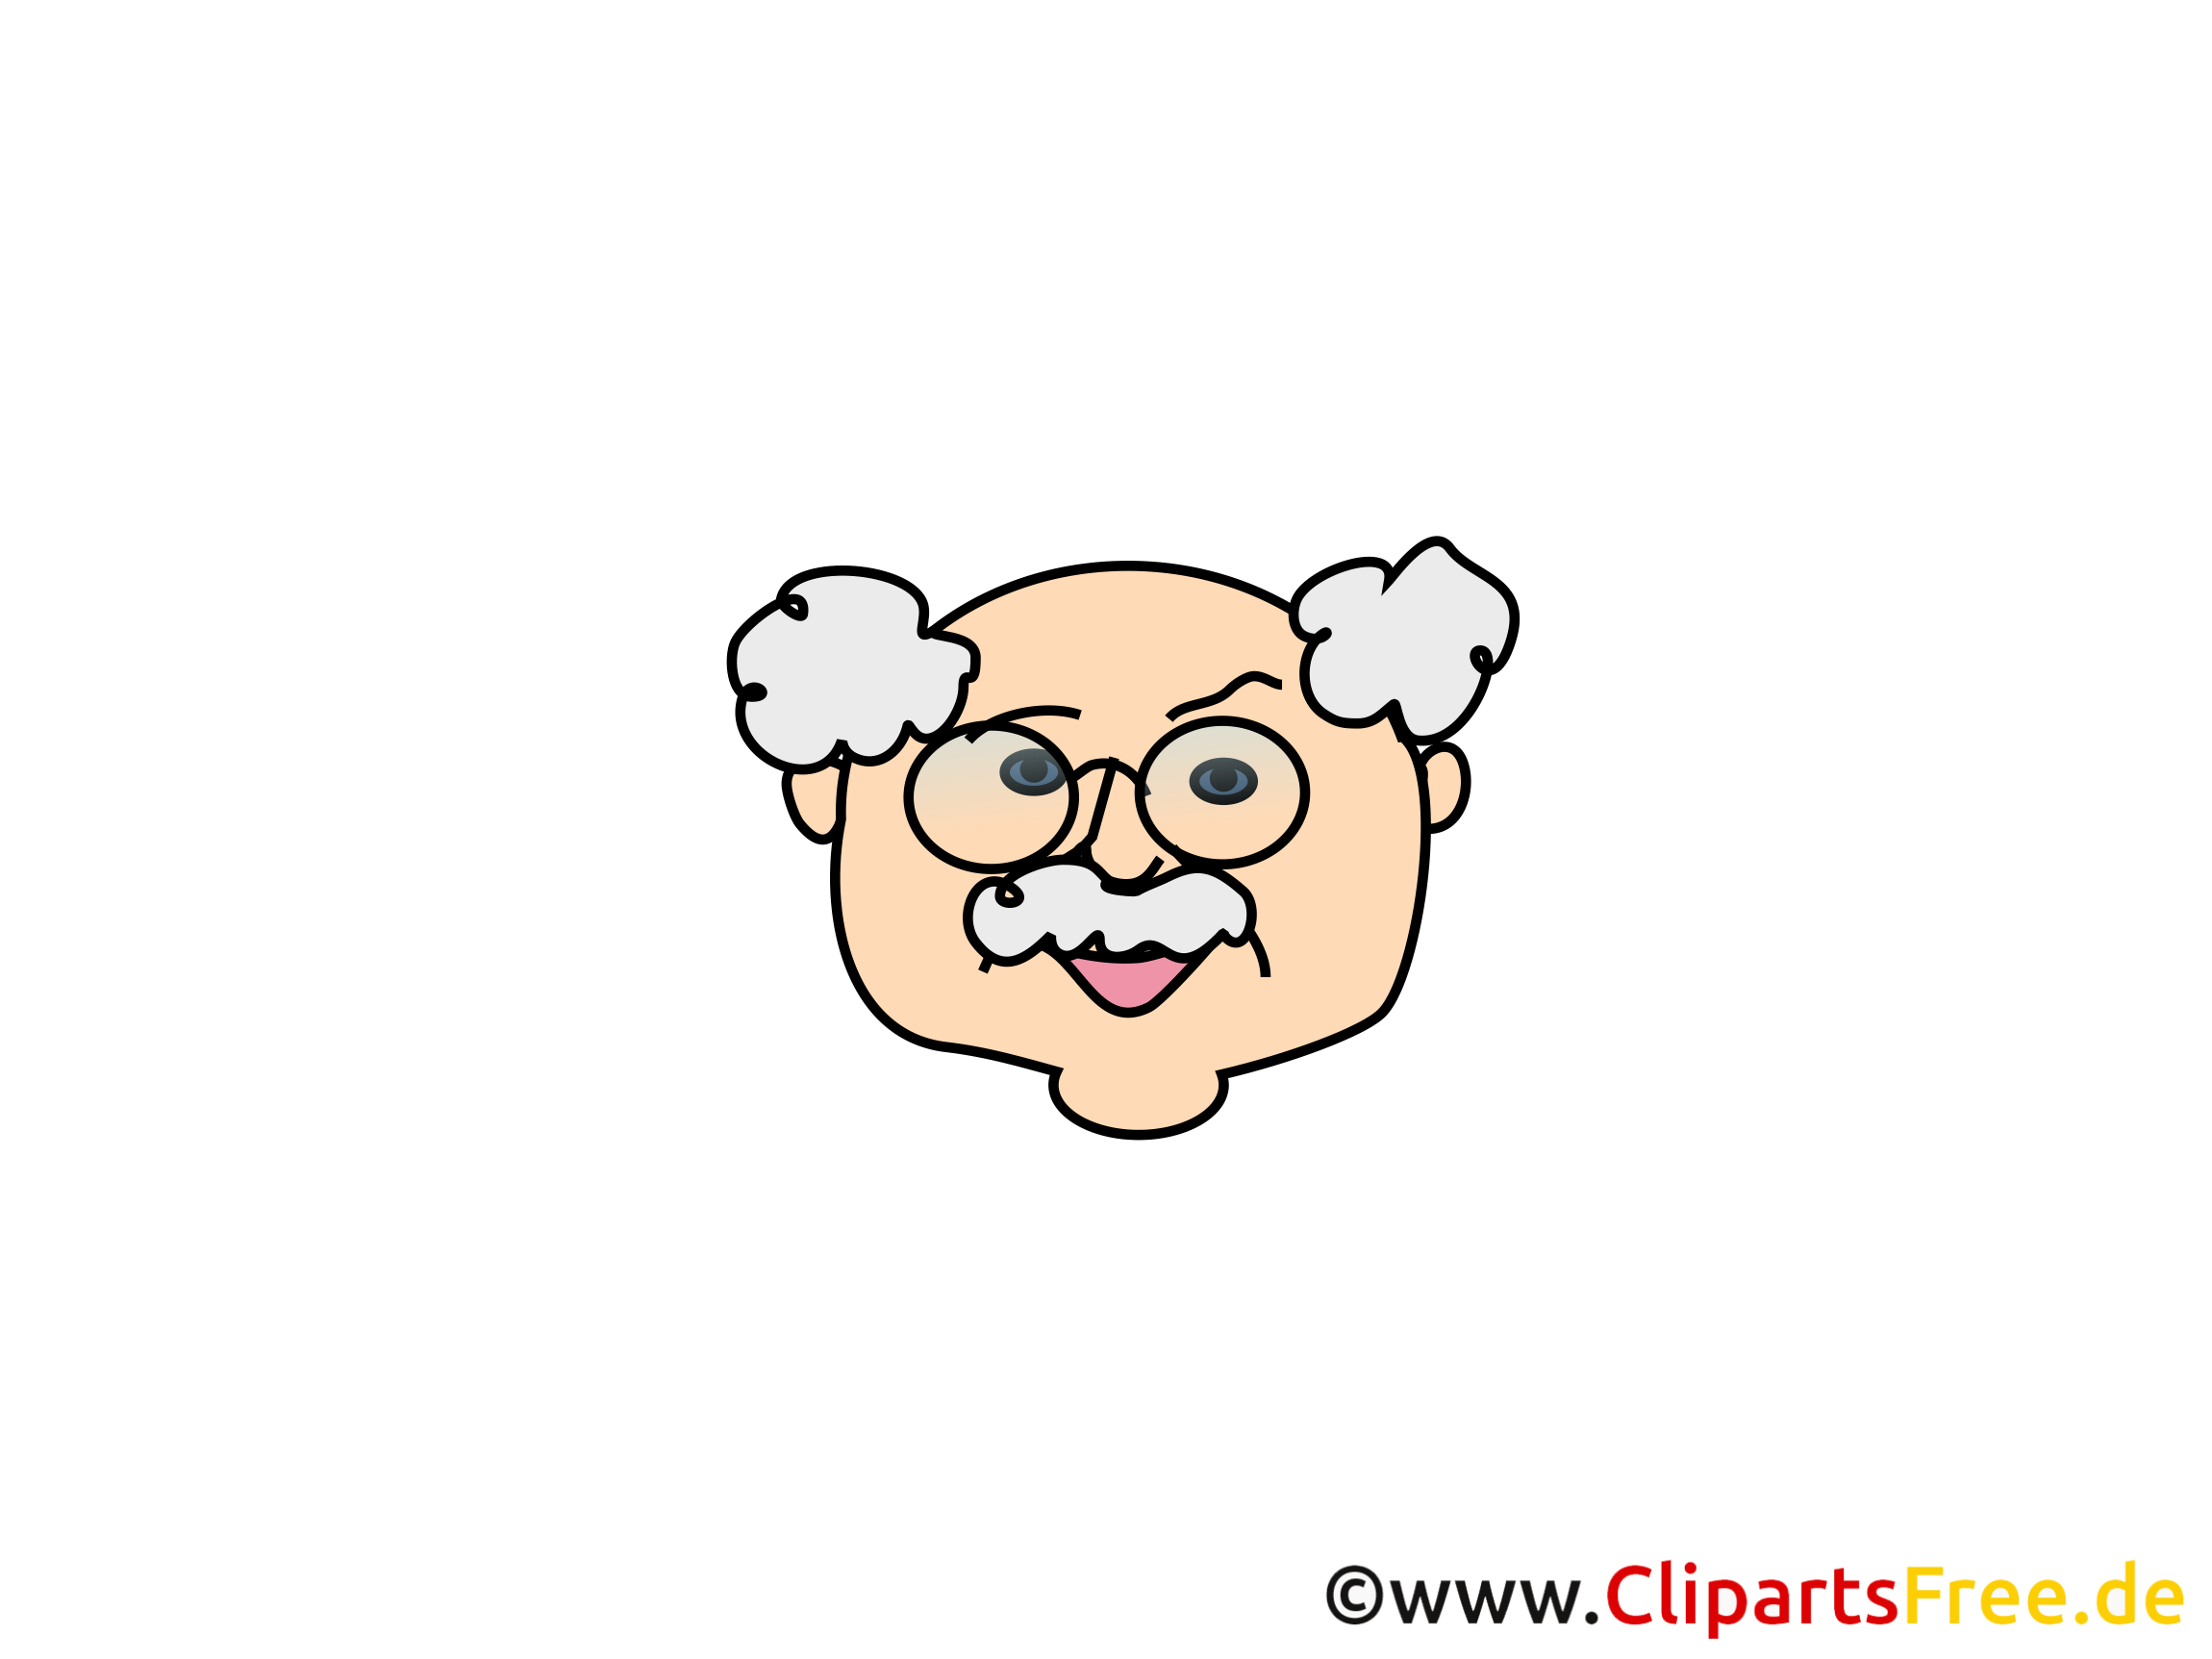 Büyükbaba Clipart, Görüntü, Çizgi Film, Komik, Çizim Bedava